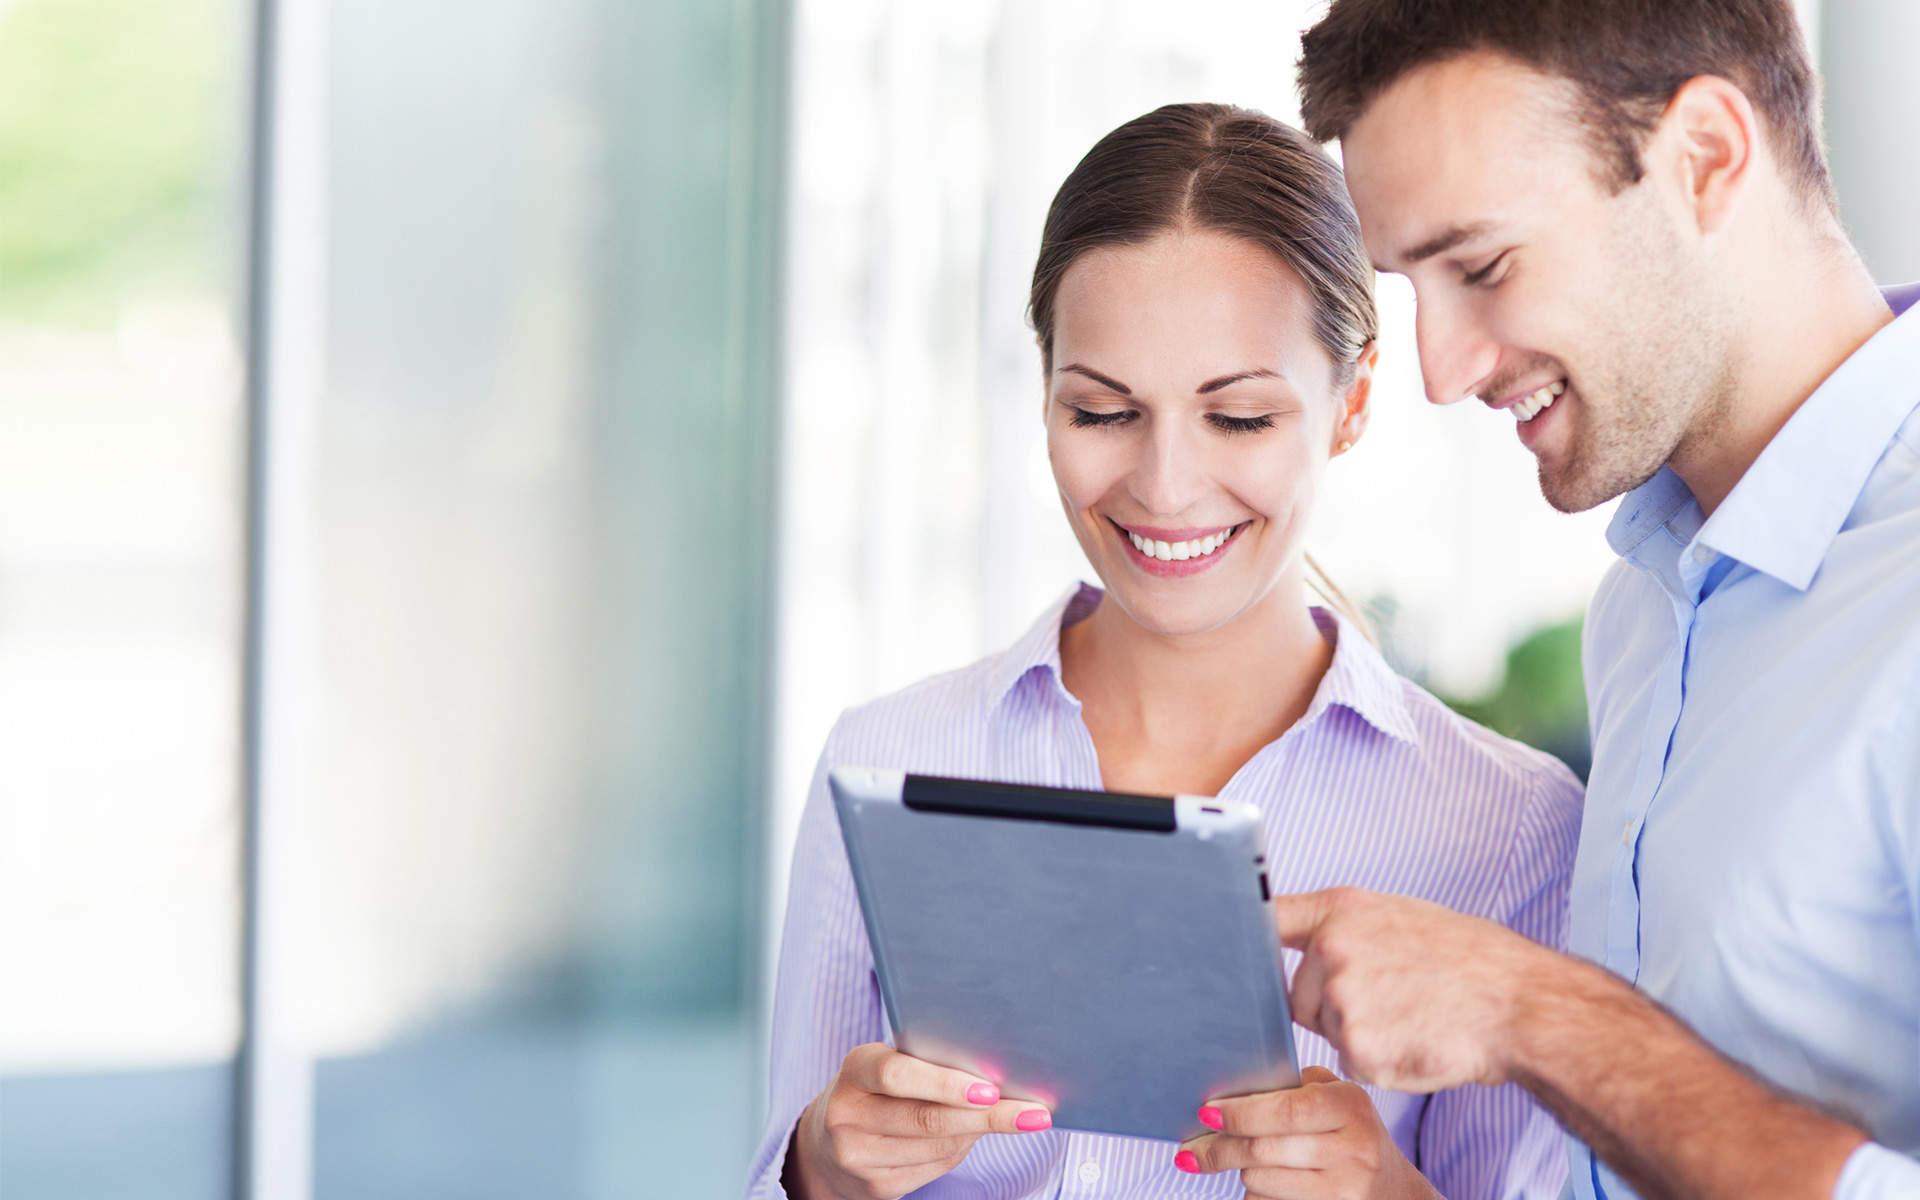 Secretária virtual e escritório virtual: você sabe a diferença entre uma coisa e outra?